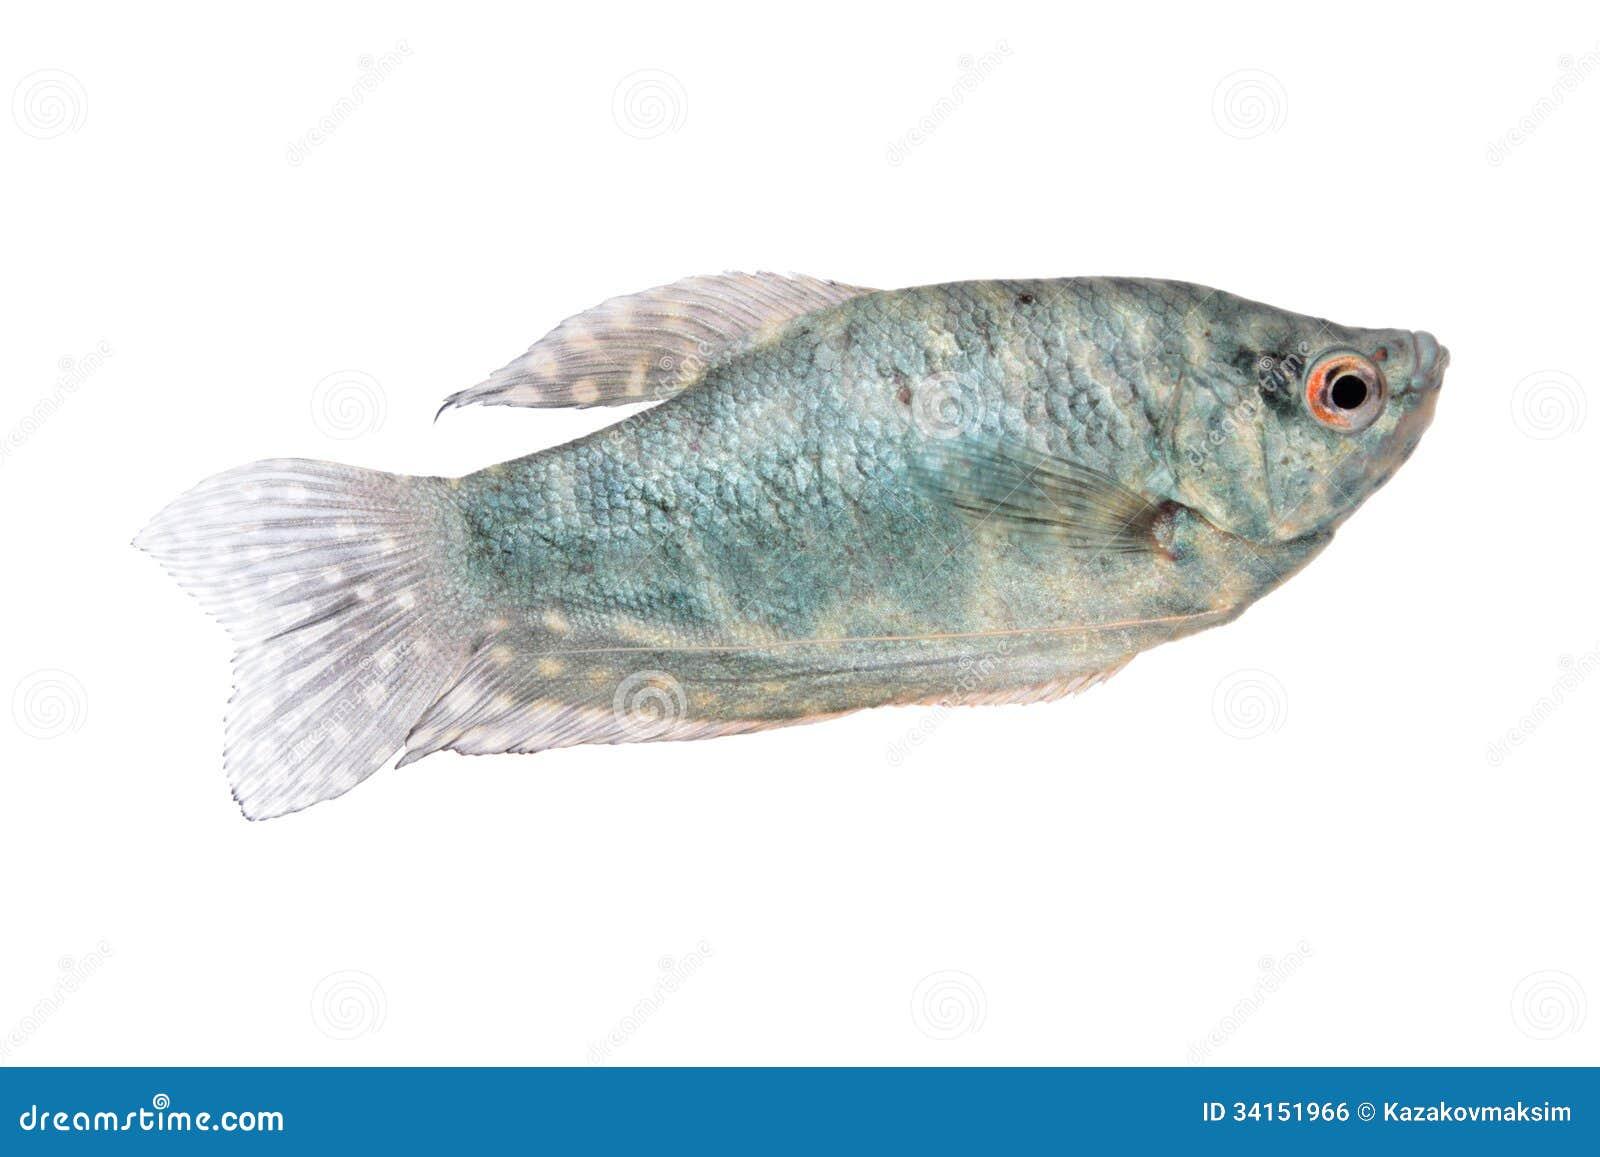 Blue gourami aquarium fish isolated on white stock photo for Blue freshwater fish